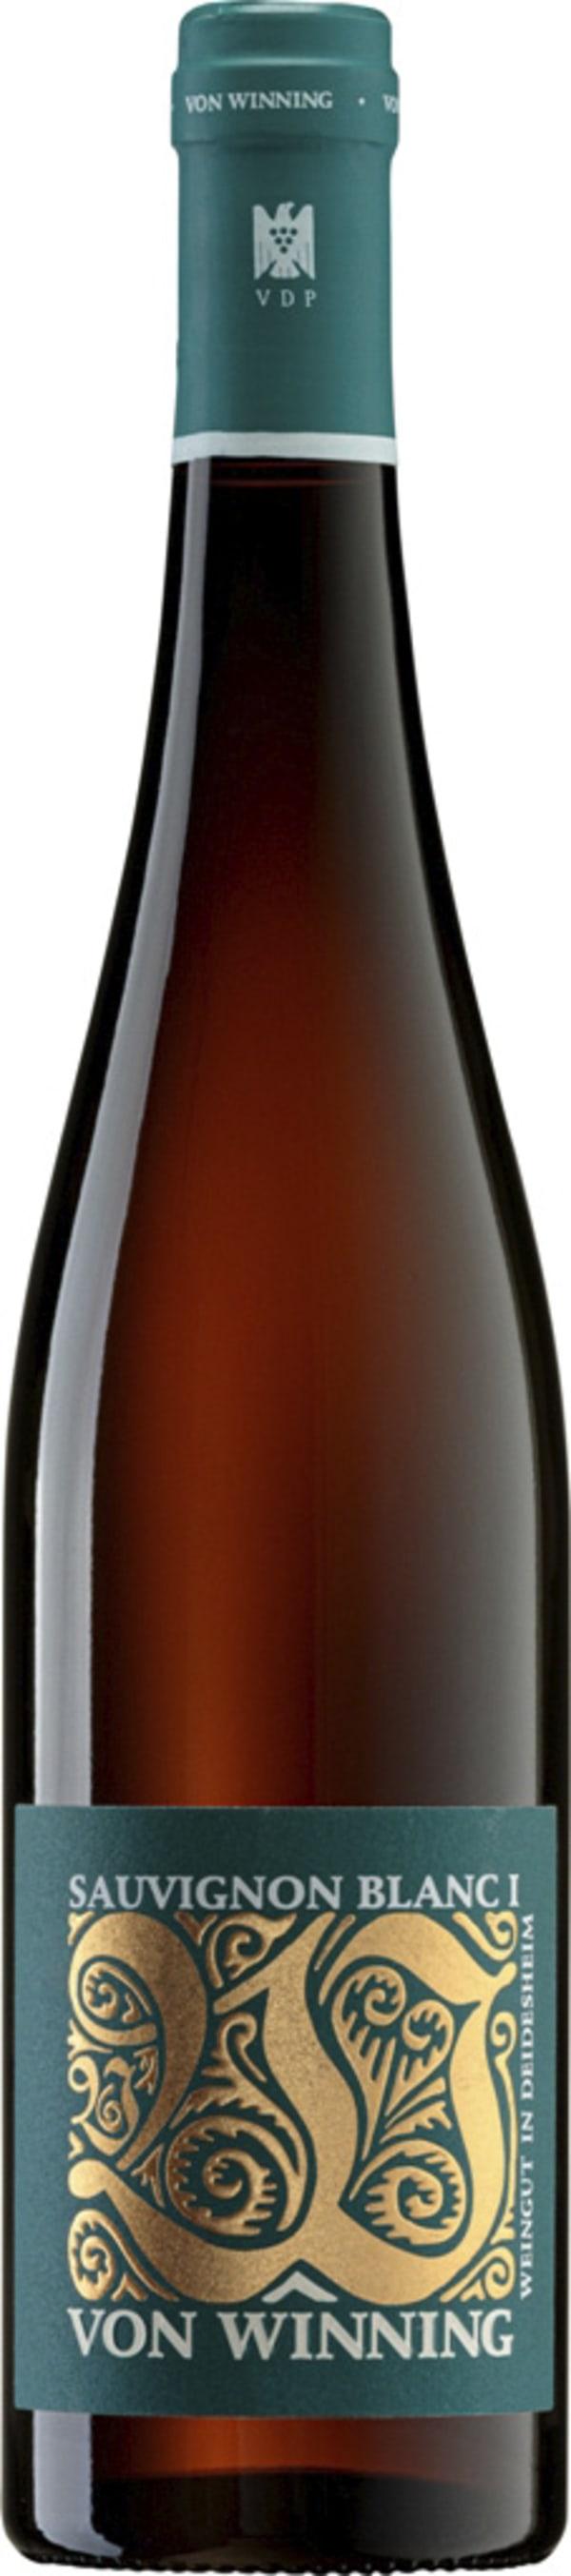 Von Winning Sauvignon Blanc I 2017